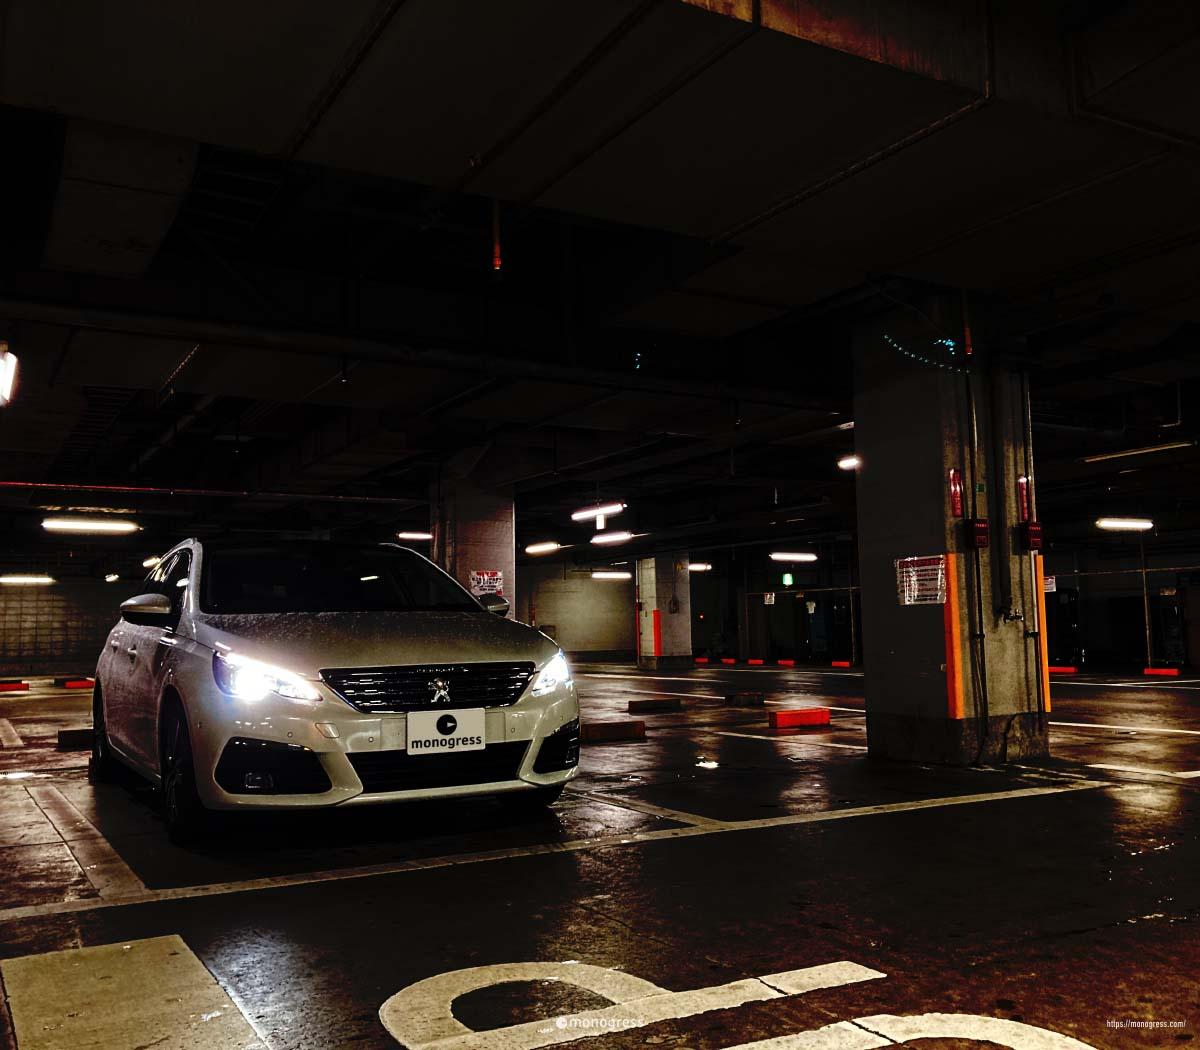 雨の屋内駐車場とPeugeot 308SW